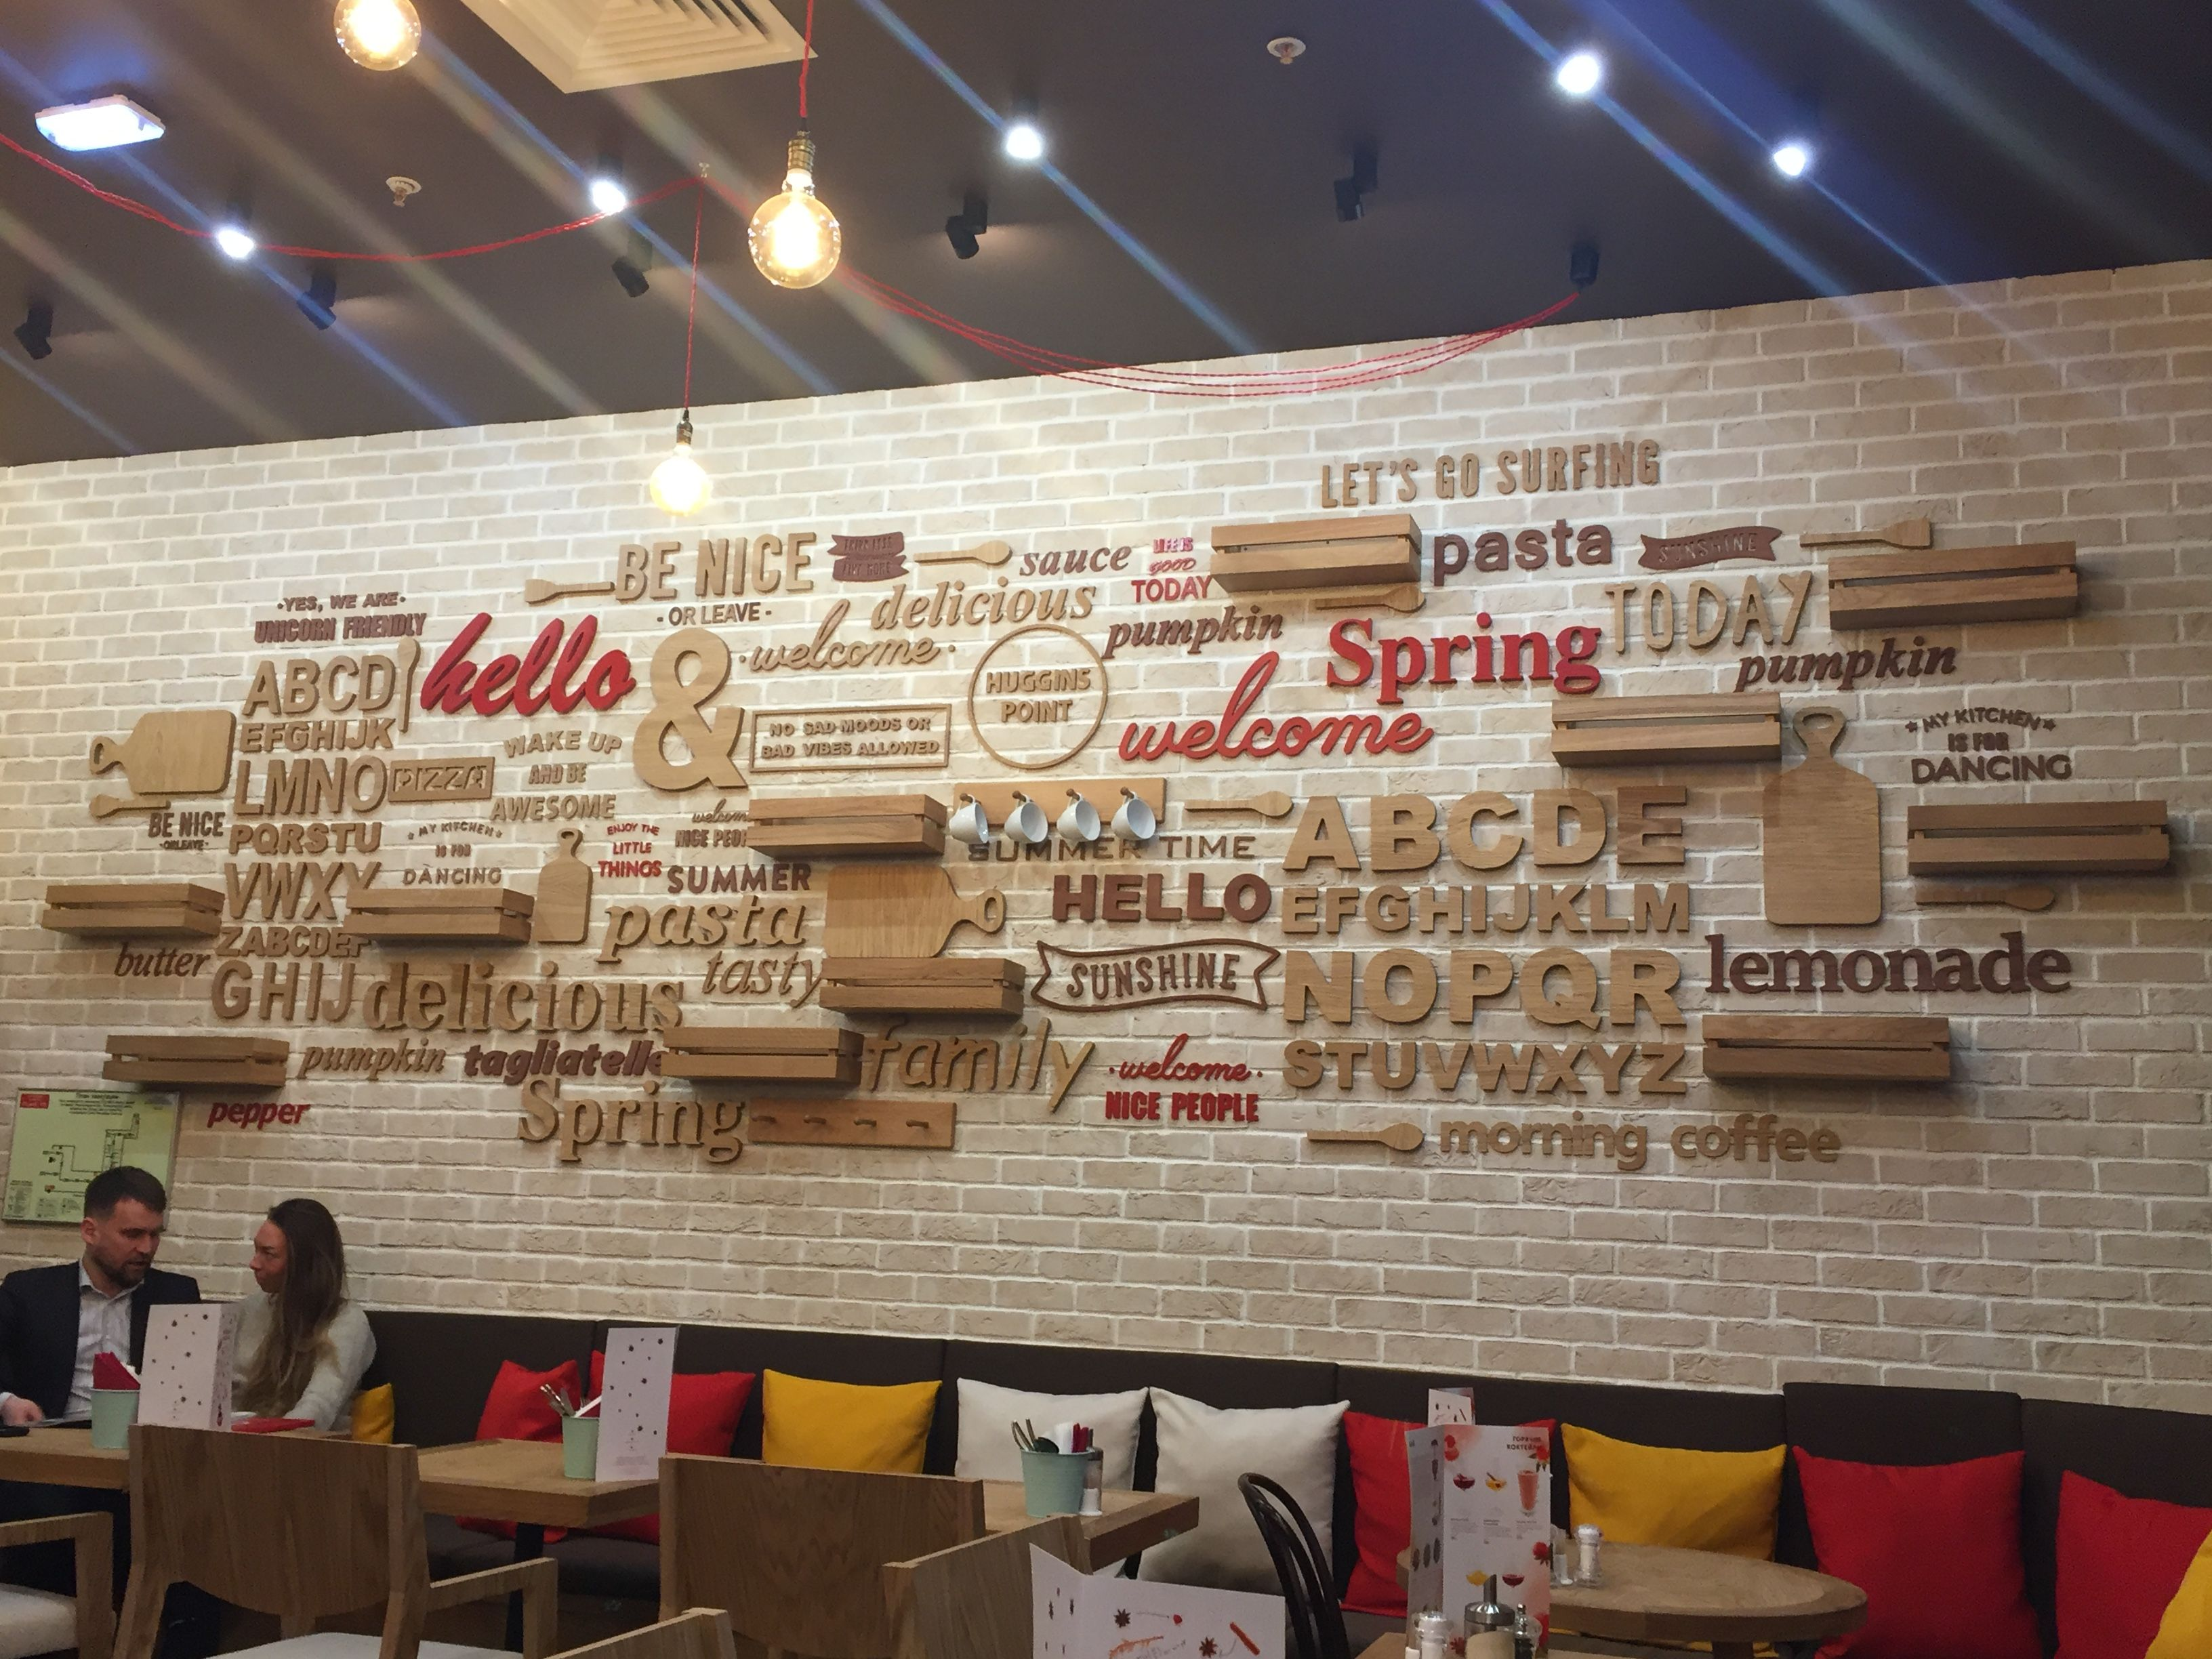 Интерьер, вывески, оформление, объёмные буквы, дизайн, проектирование, интерьерное оформление, реклама, логотип, Pizza Pasta